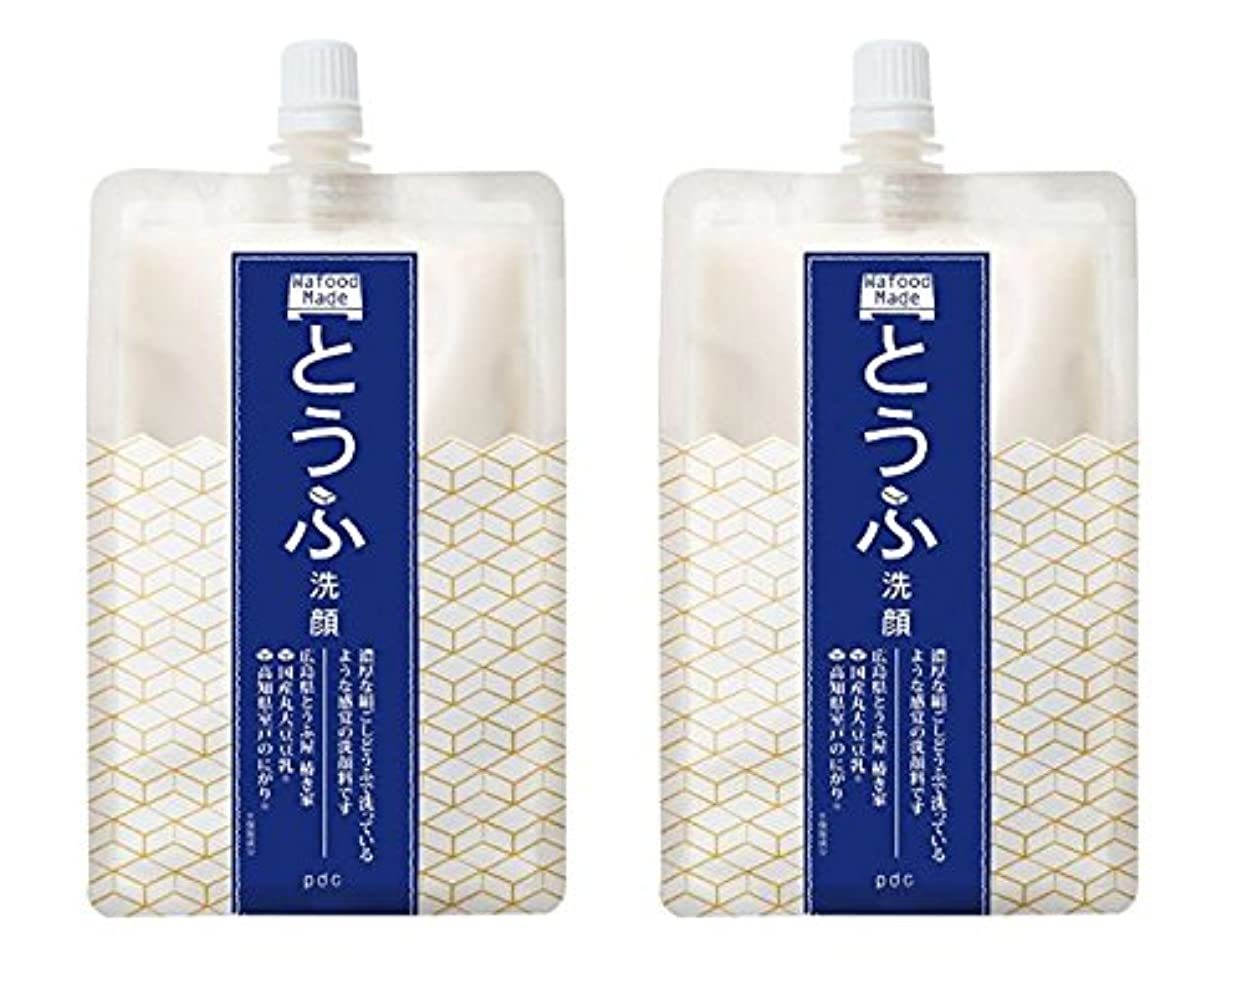 等拡張確実【2個セット】ワフードメイド とうふ洗顔 170g×2個